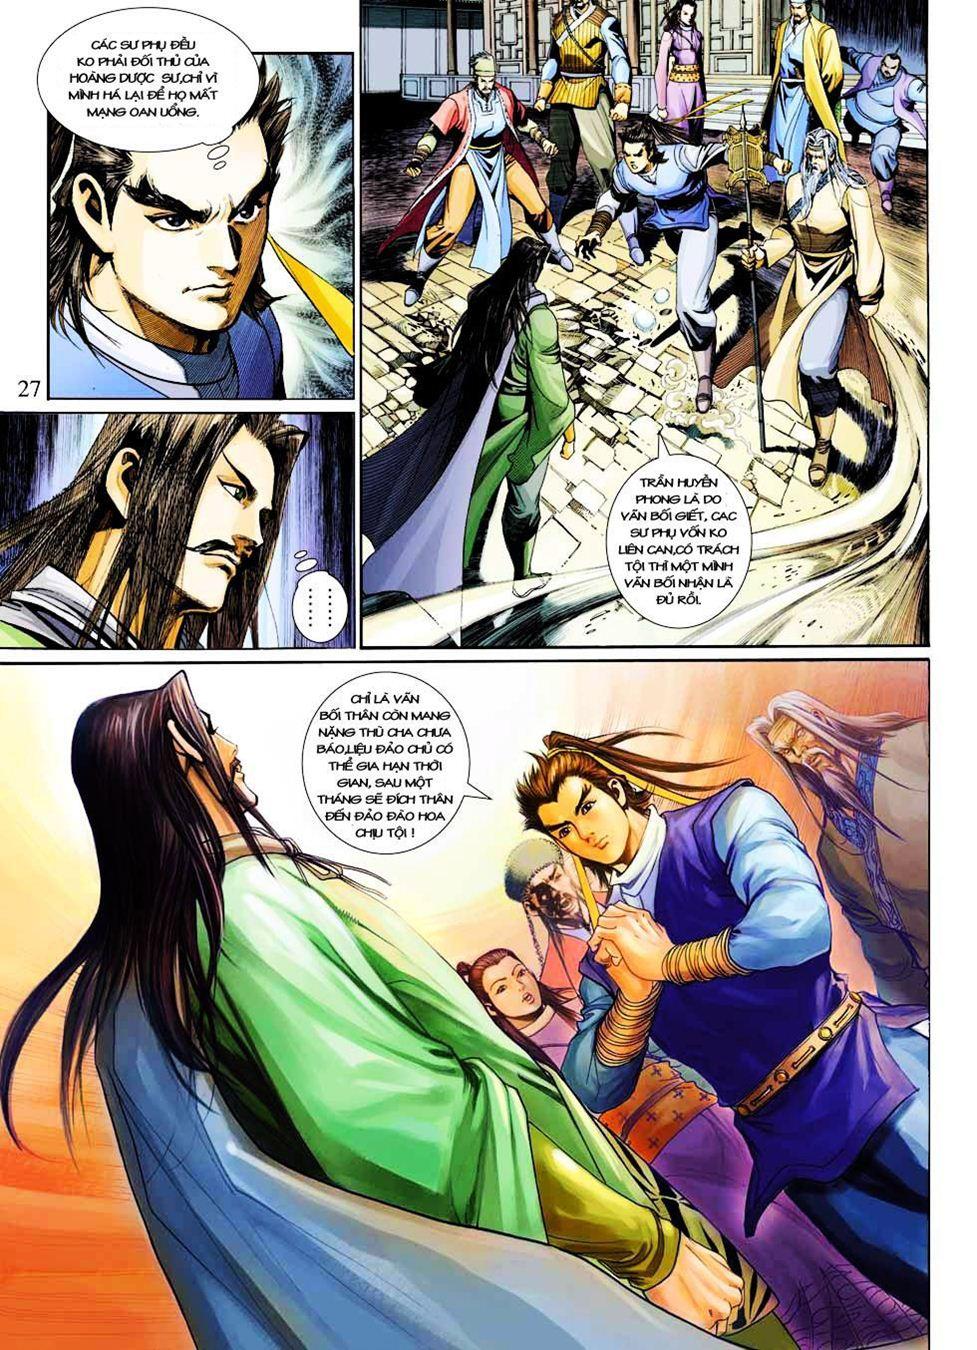 Anh Hùng Xạ Điêu anh hùng xạ đêu chap 33 trang 27